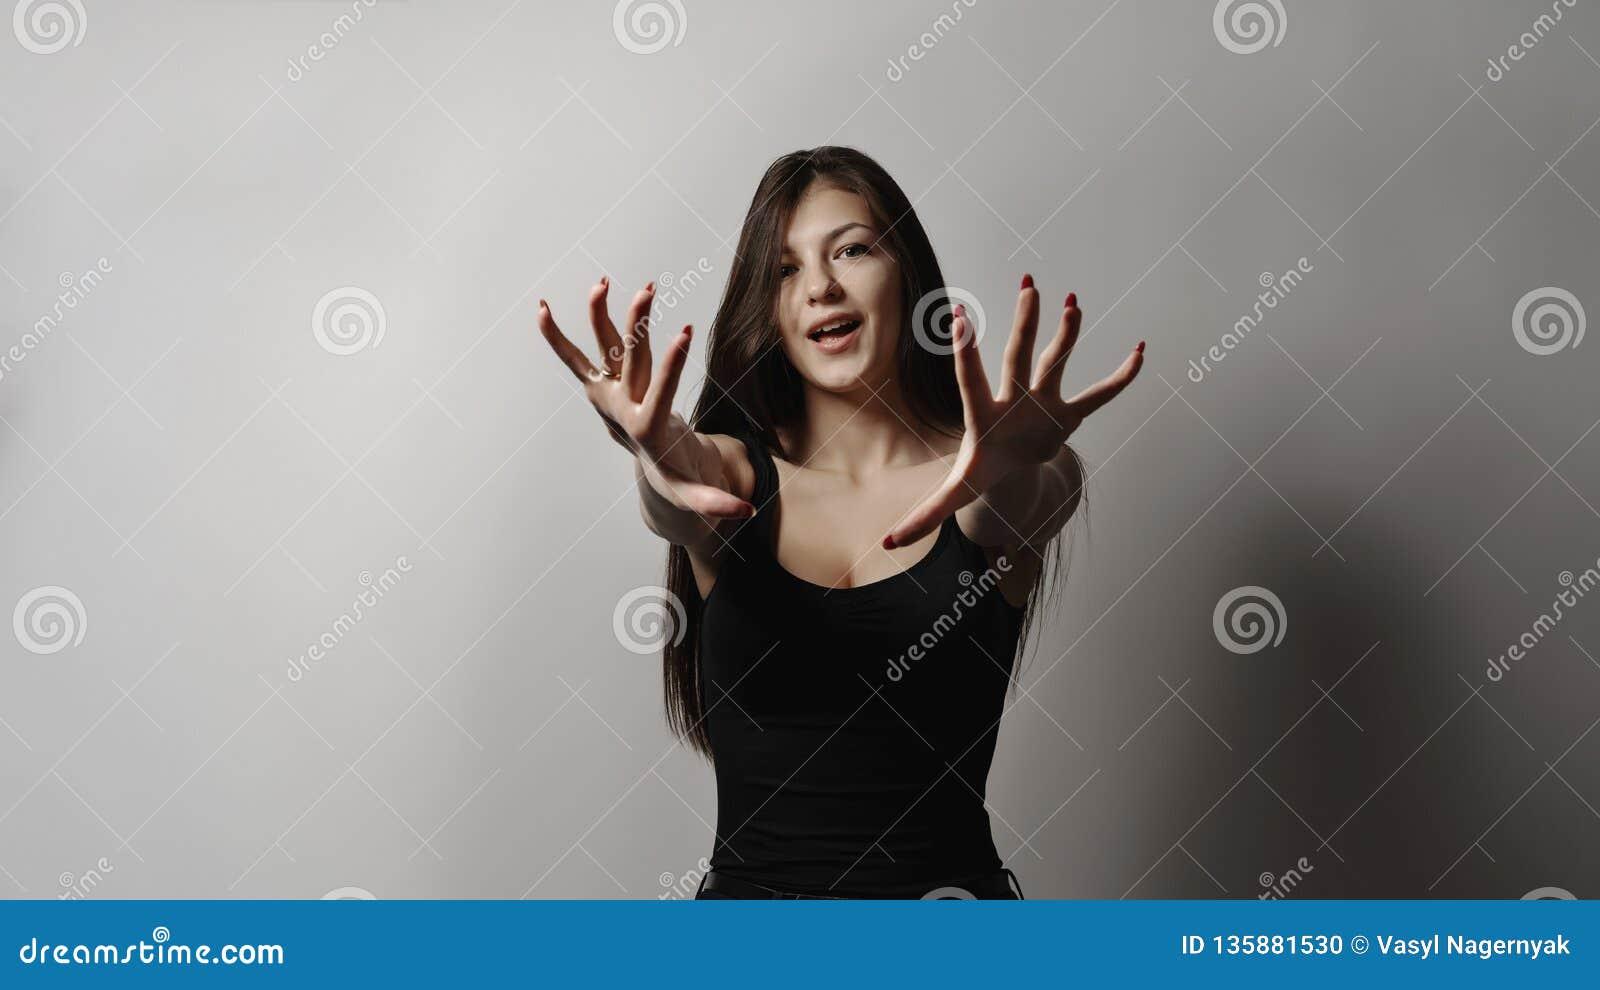 有黑色头发的美丽的少女在白色背景今后舒展她的胳膊